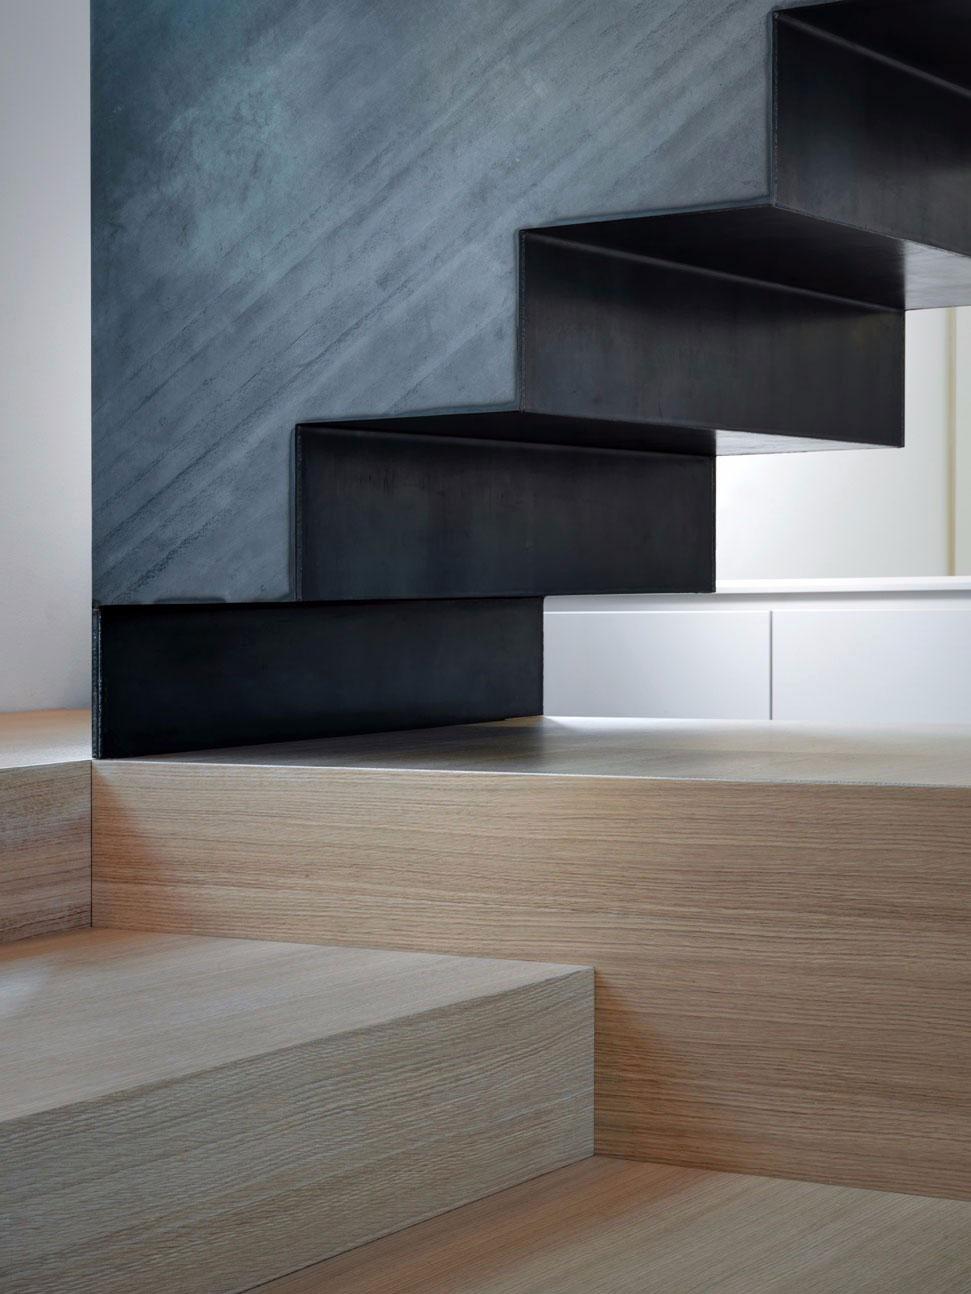 Loft Par By Buratti Architetti Caandesign Architecture